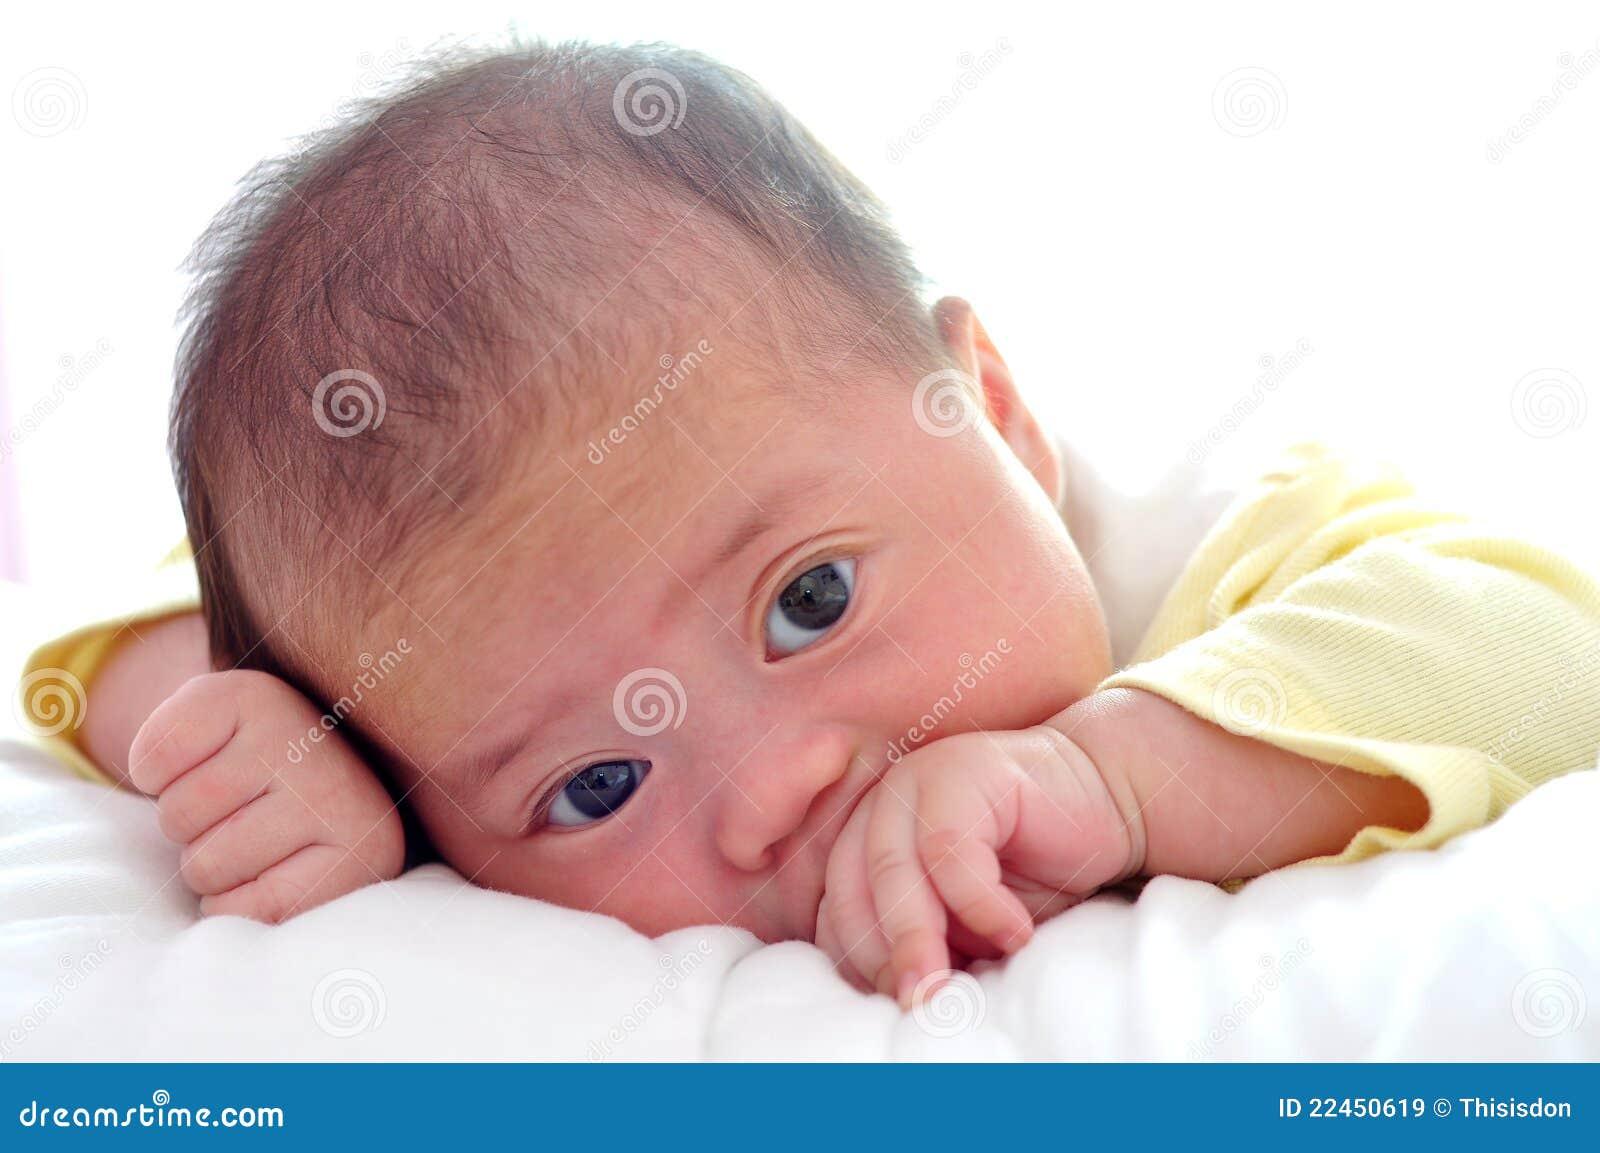 Little baby just awaking